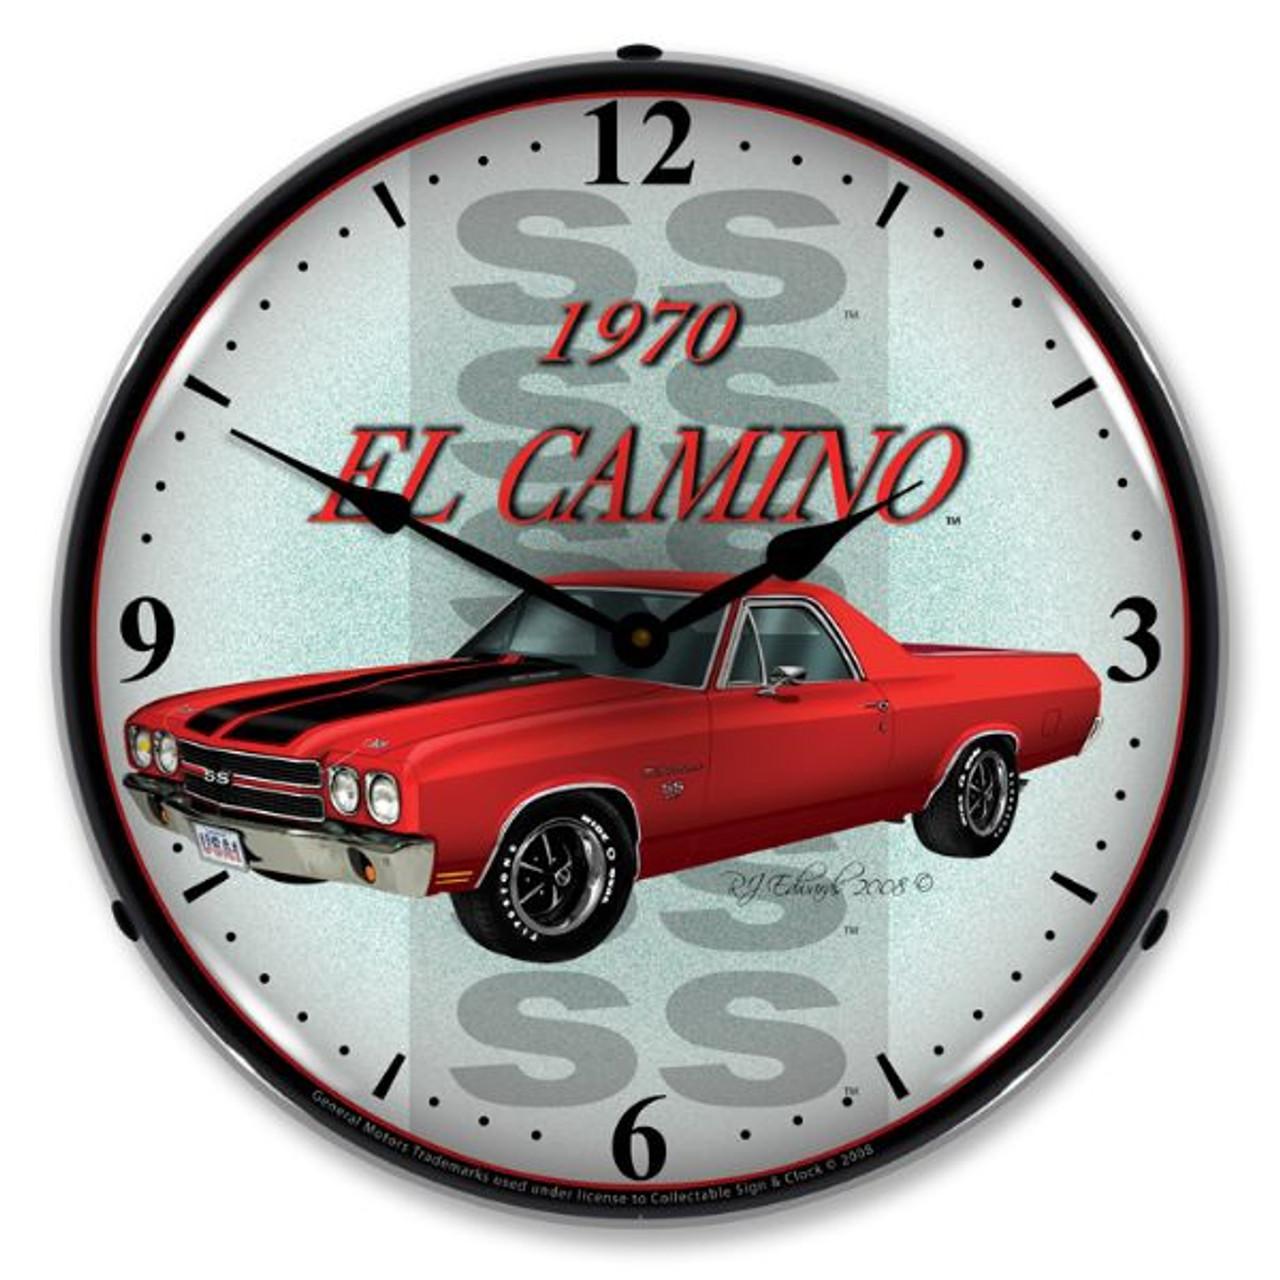 1970 El Camino Lighted Wall Clock